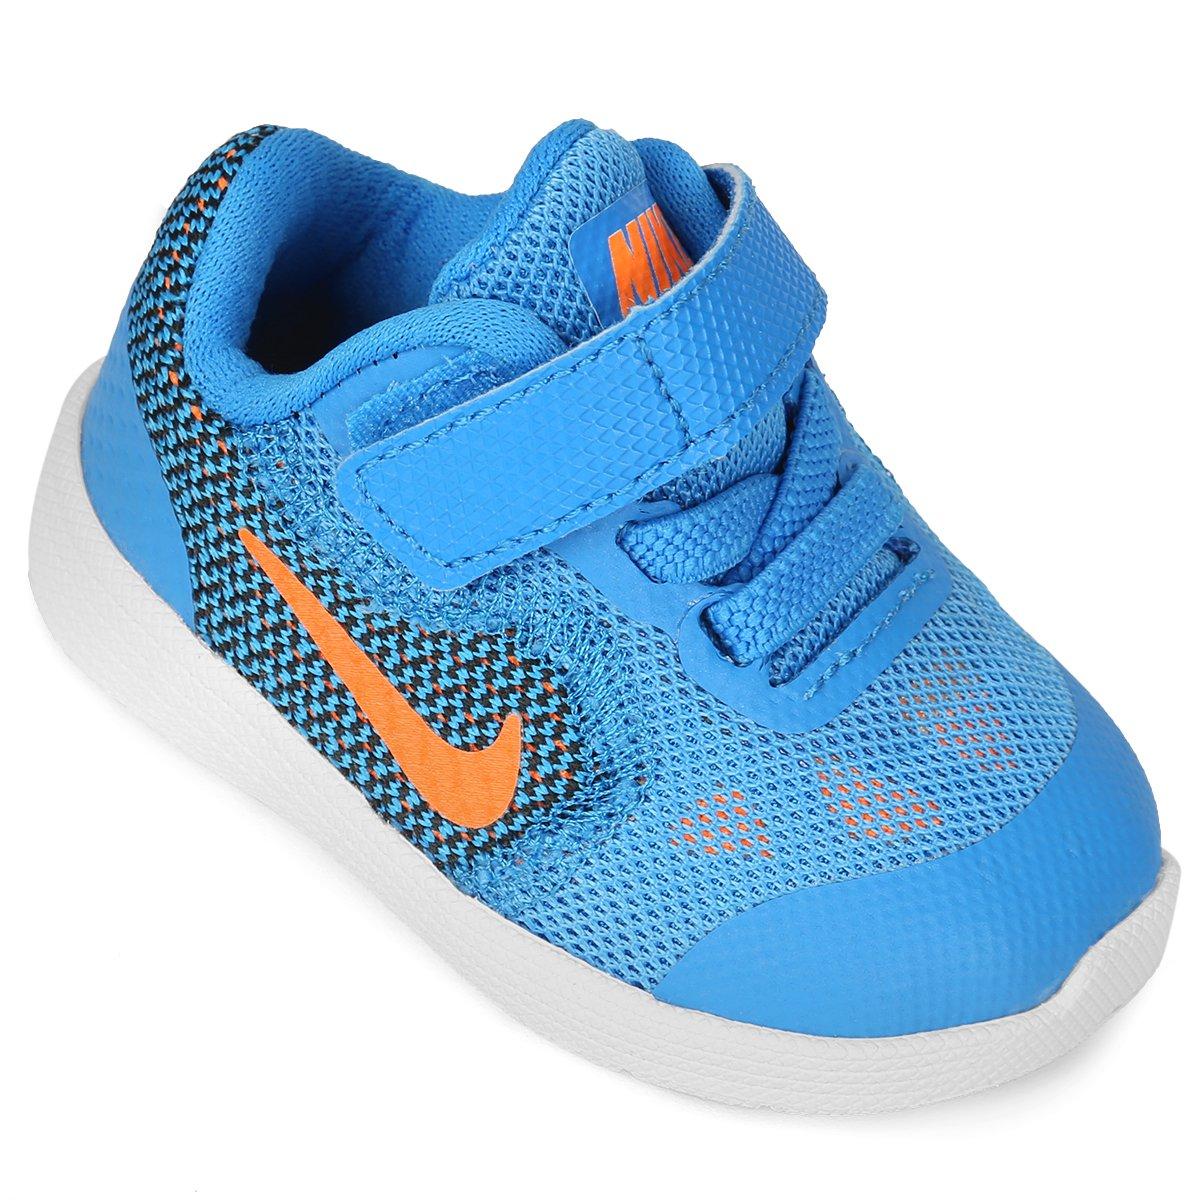 15ecda225d3 Tênis Infantil Nike Revolution 3 - Azul e Laranja - Compre Agora ...